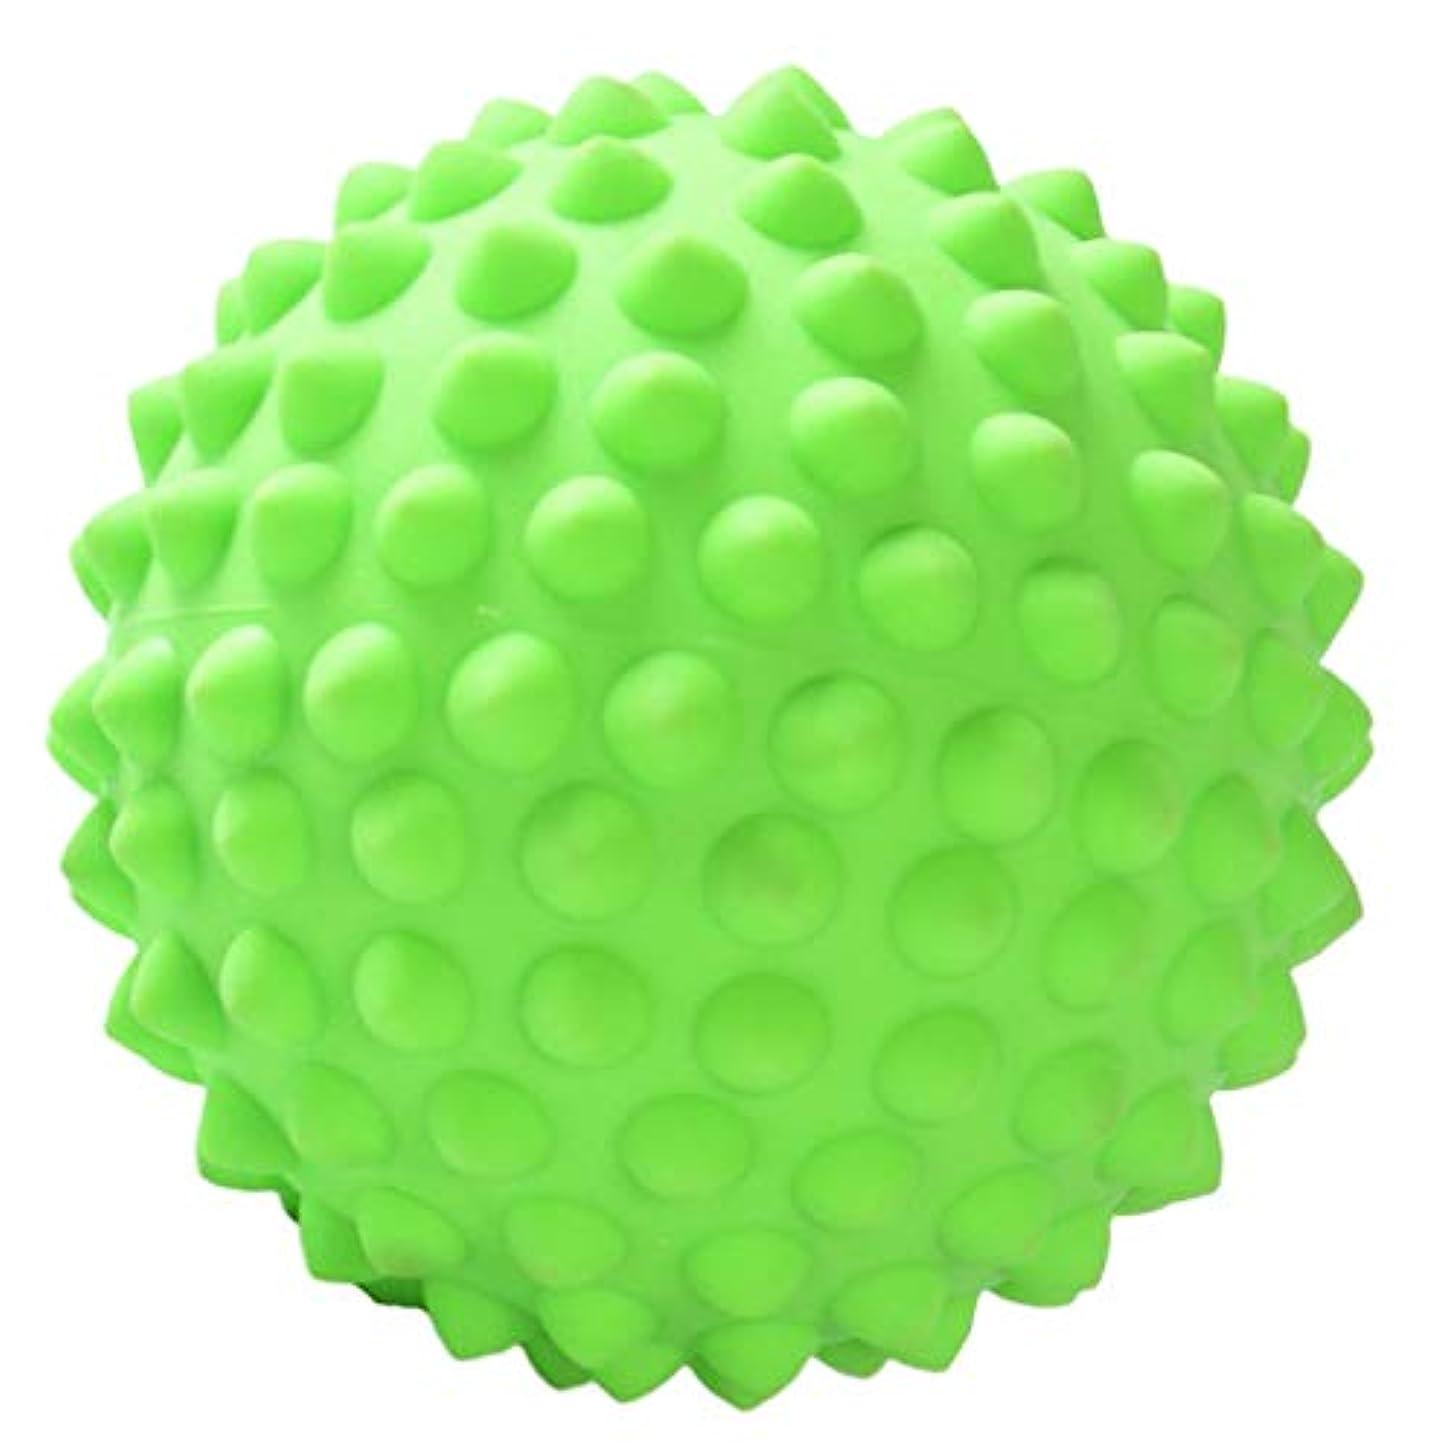 完璧期限切れマッサージボール 約9 cm ツボ押し ジム オフィス 自宅用 3色選べ - 緑, 説明のとおり